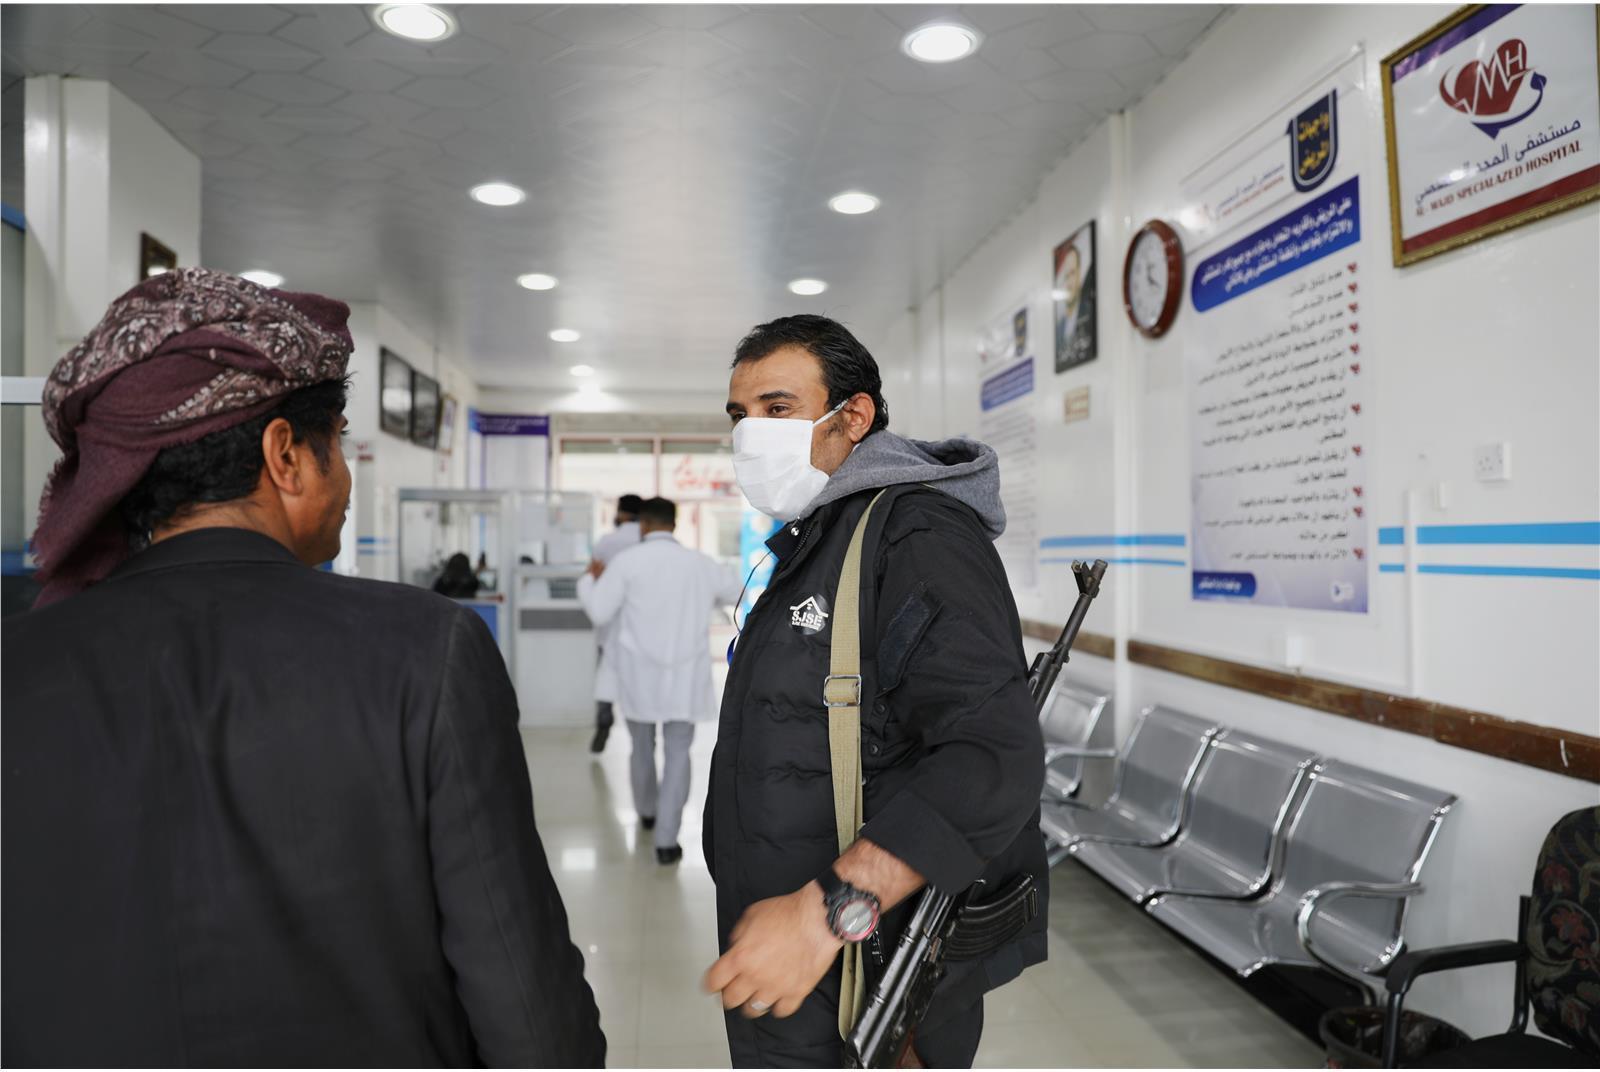 الحوثيون يغلقون 27 عيادة وصيدلية في صنعاء تحت مبرر قيامها بهذا الفعل ؟